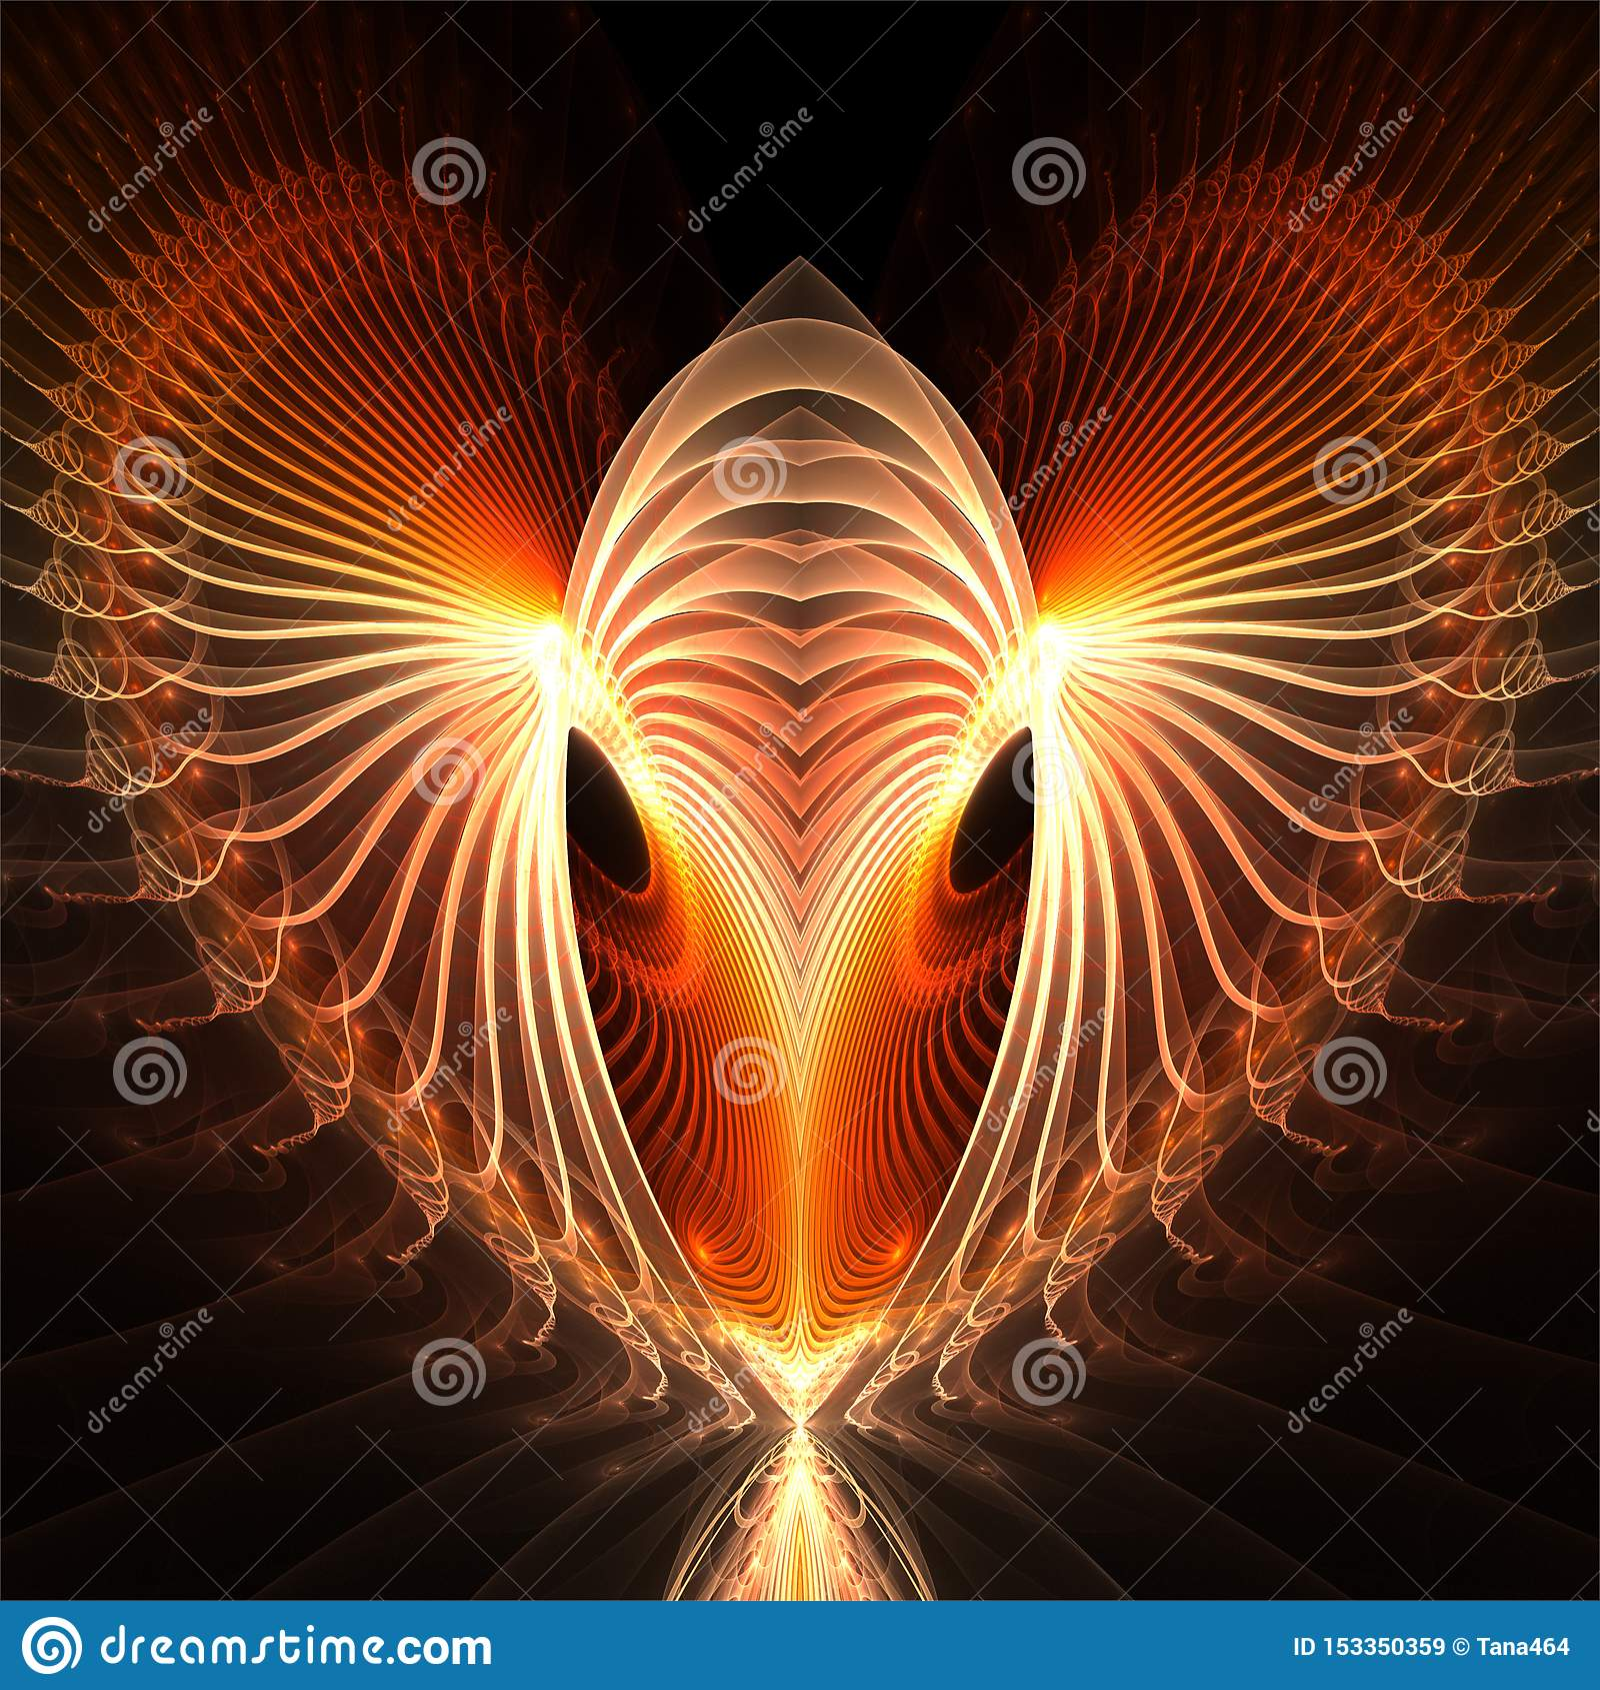 Komputerowych cyfrowych fractal sztuki abstrakcjonistycznych factals fantastyczny czerwony serce